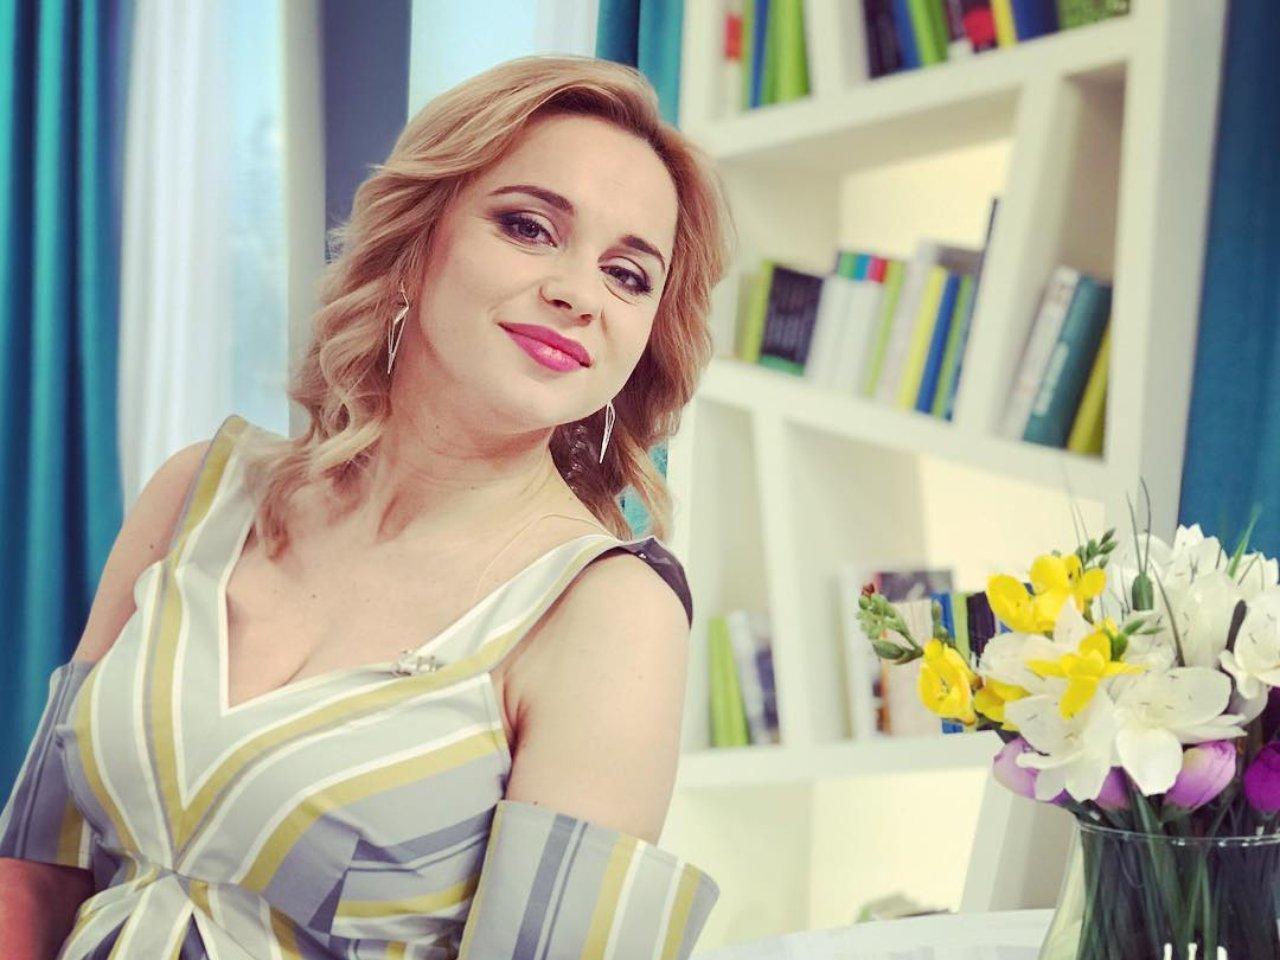 Лилия Ребрик облачилась в нежное платье за 3 тысячи гривен